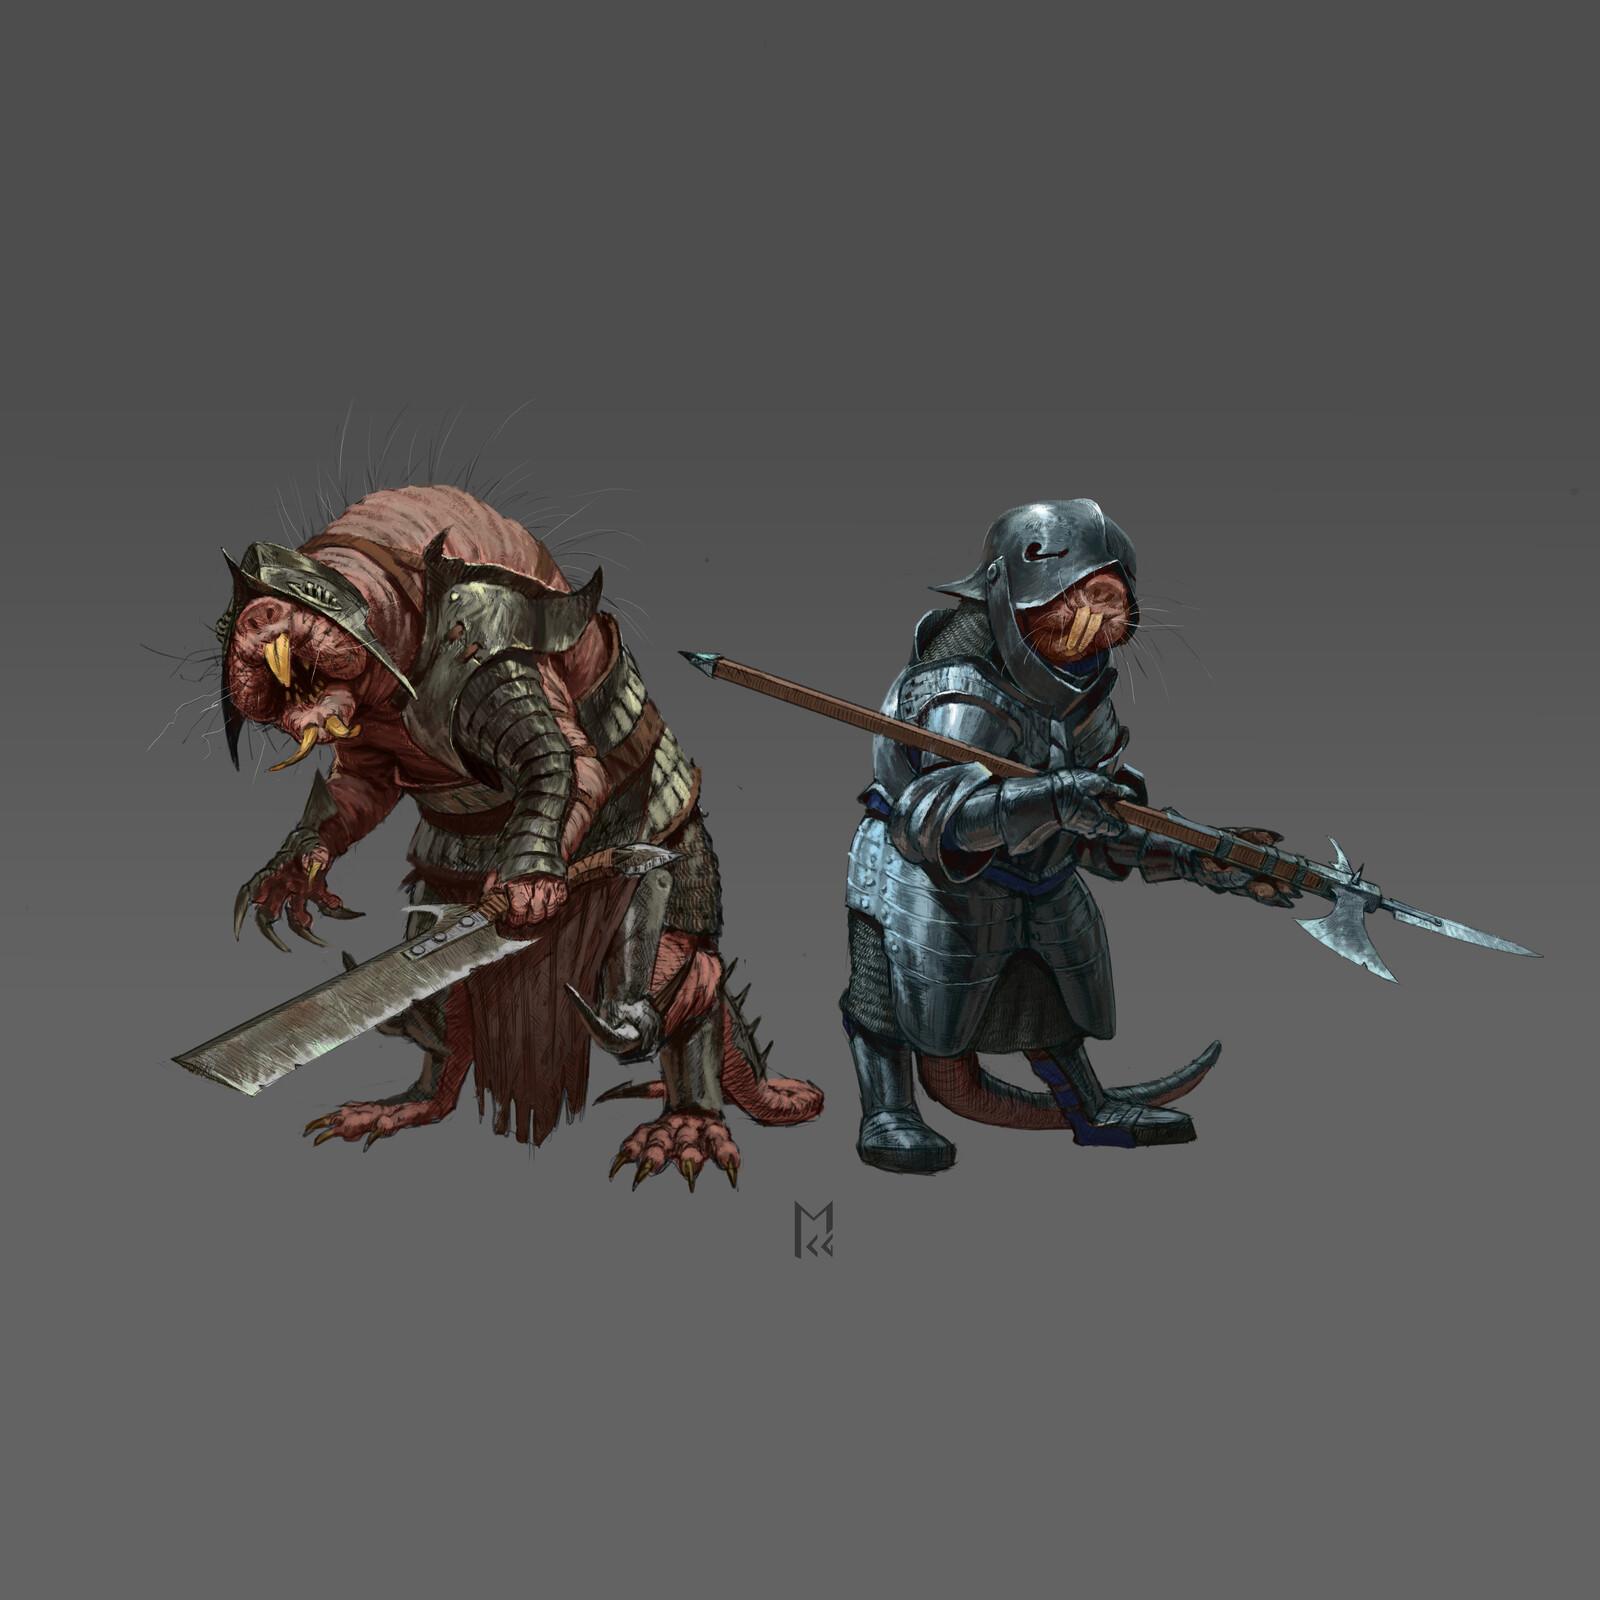 Mole rat warriors